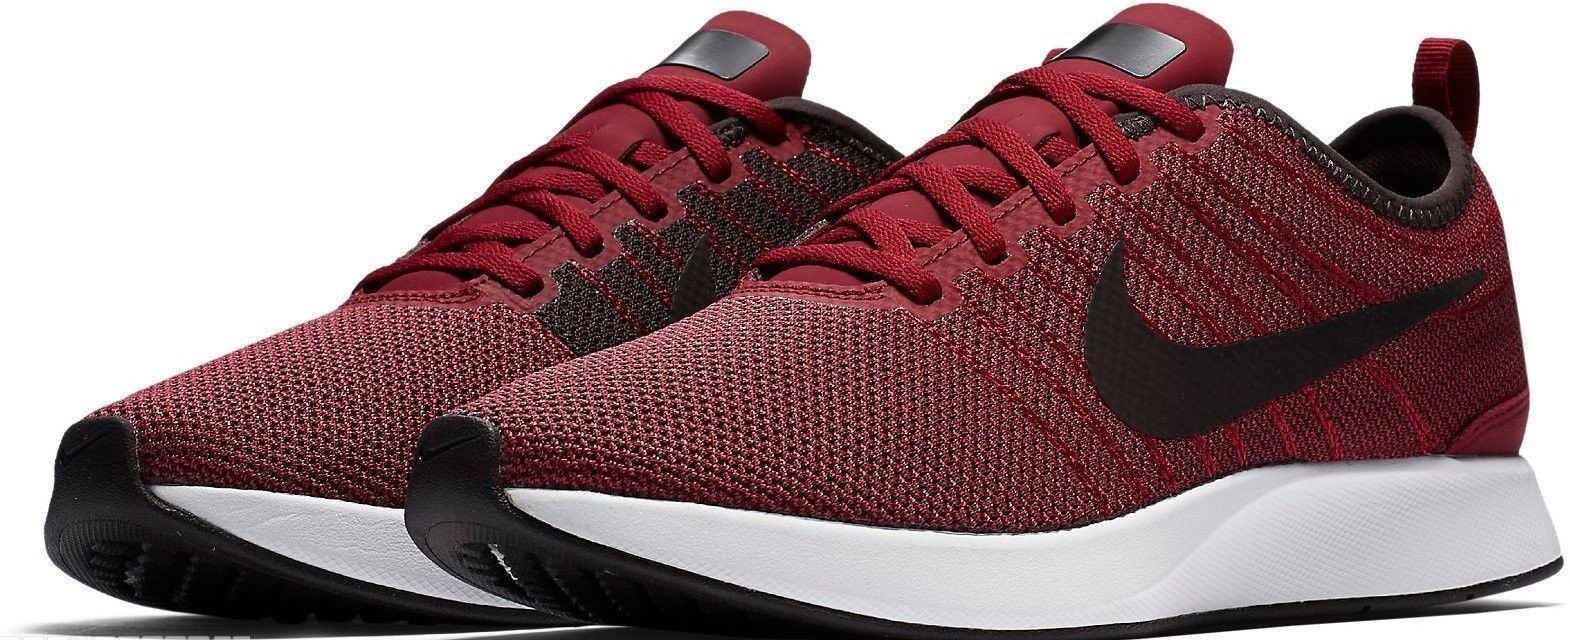 Nike dualtone racer uomini scarpe da corsa 918227-602 10 nuove dimensioni.